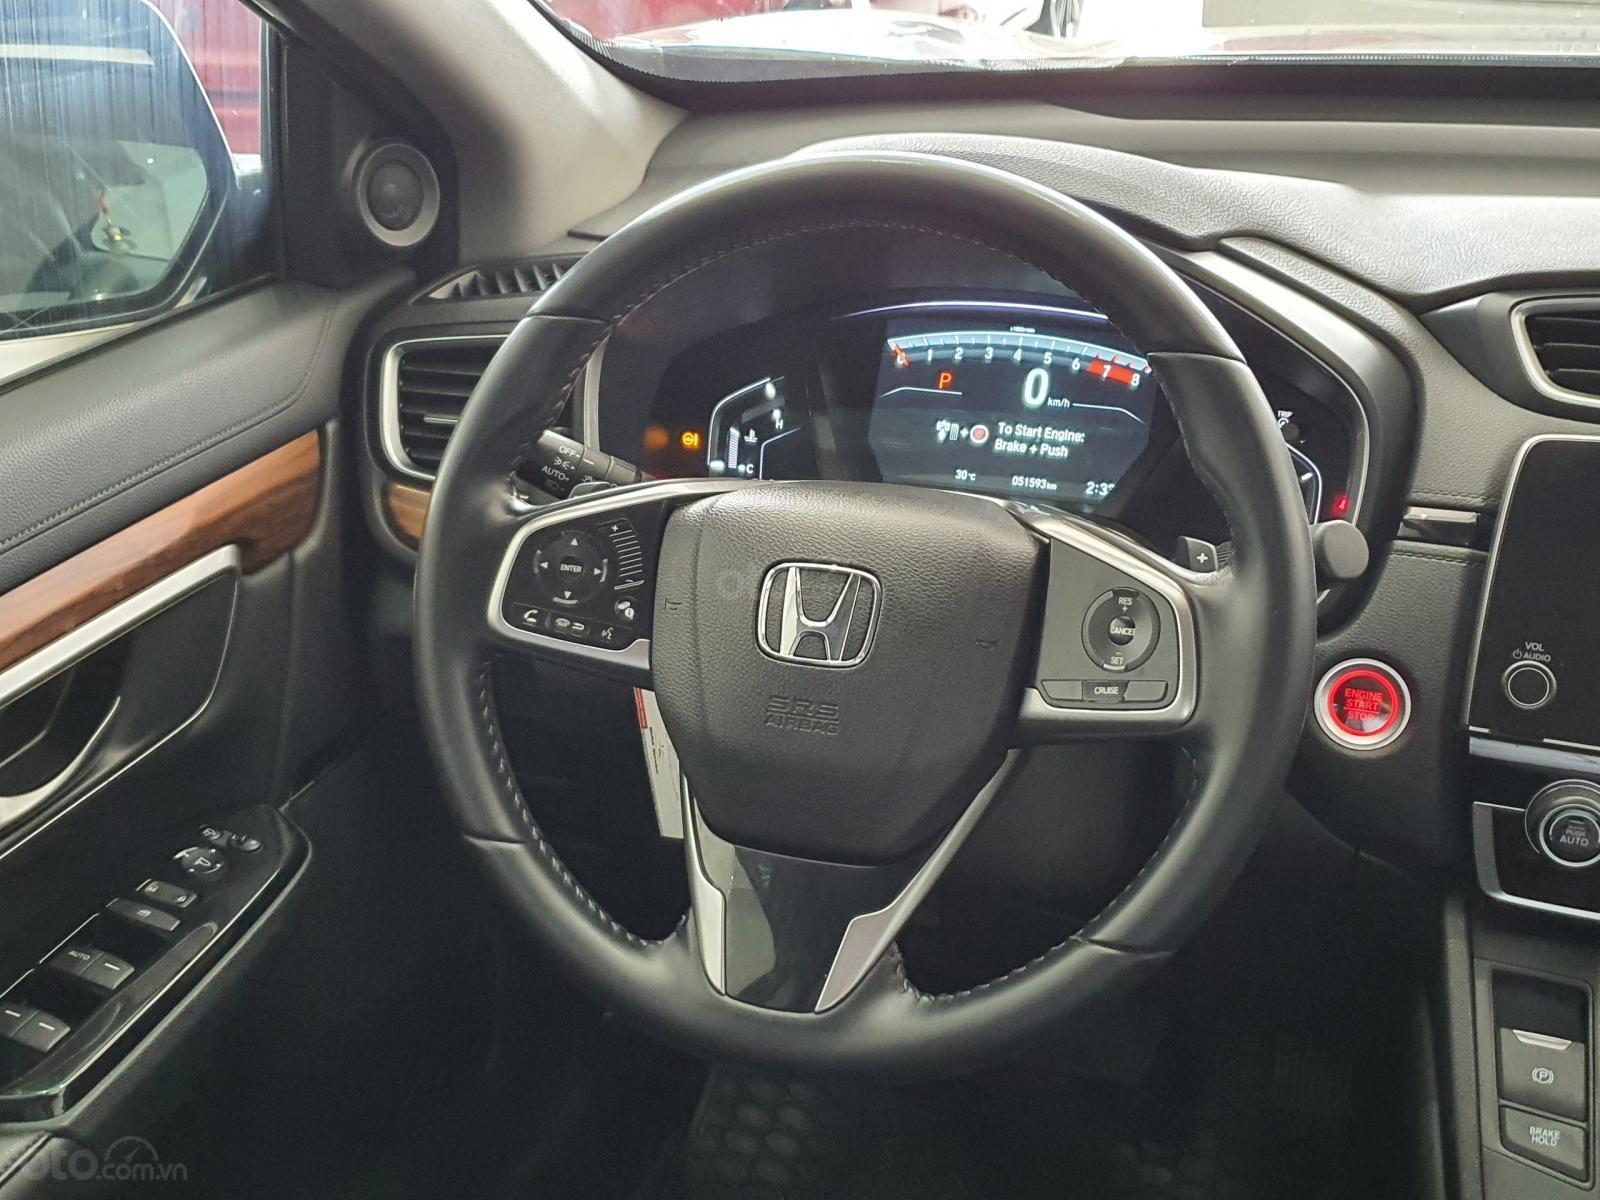 Bán xe Honda CR V sản xuất 2018, giá chỉ 960 triệu, xe siêu đẹp (7)